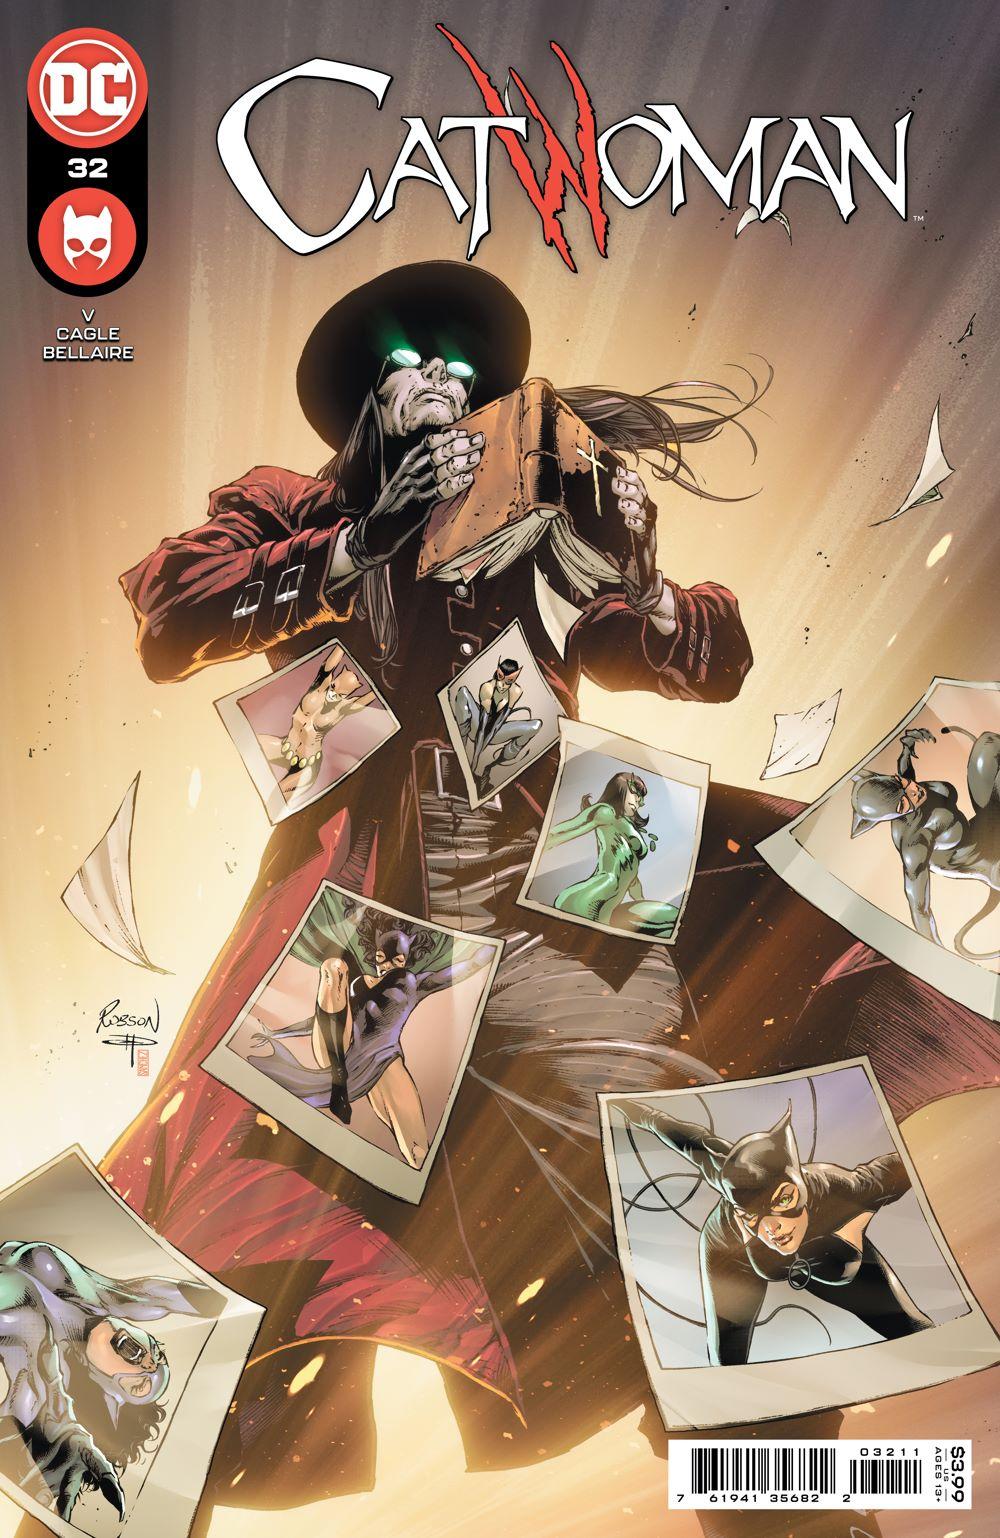 CATWOMAN_Cv32 DC Comics June 2021 Solicitations